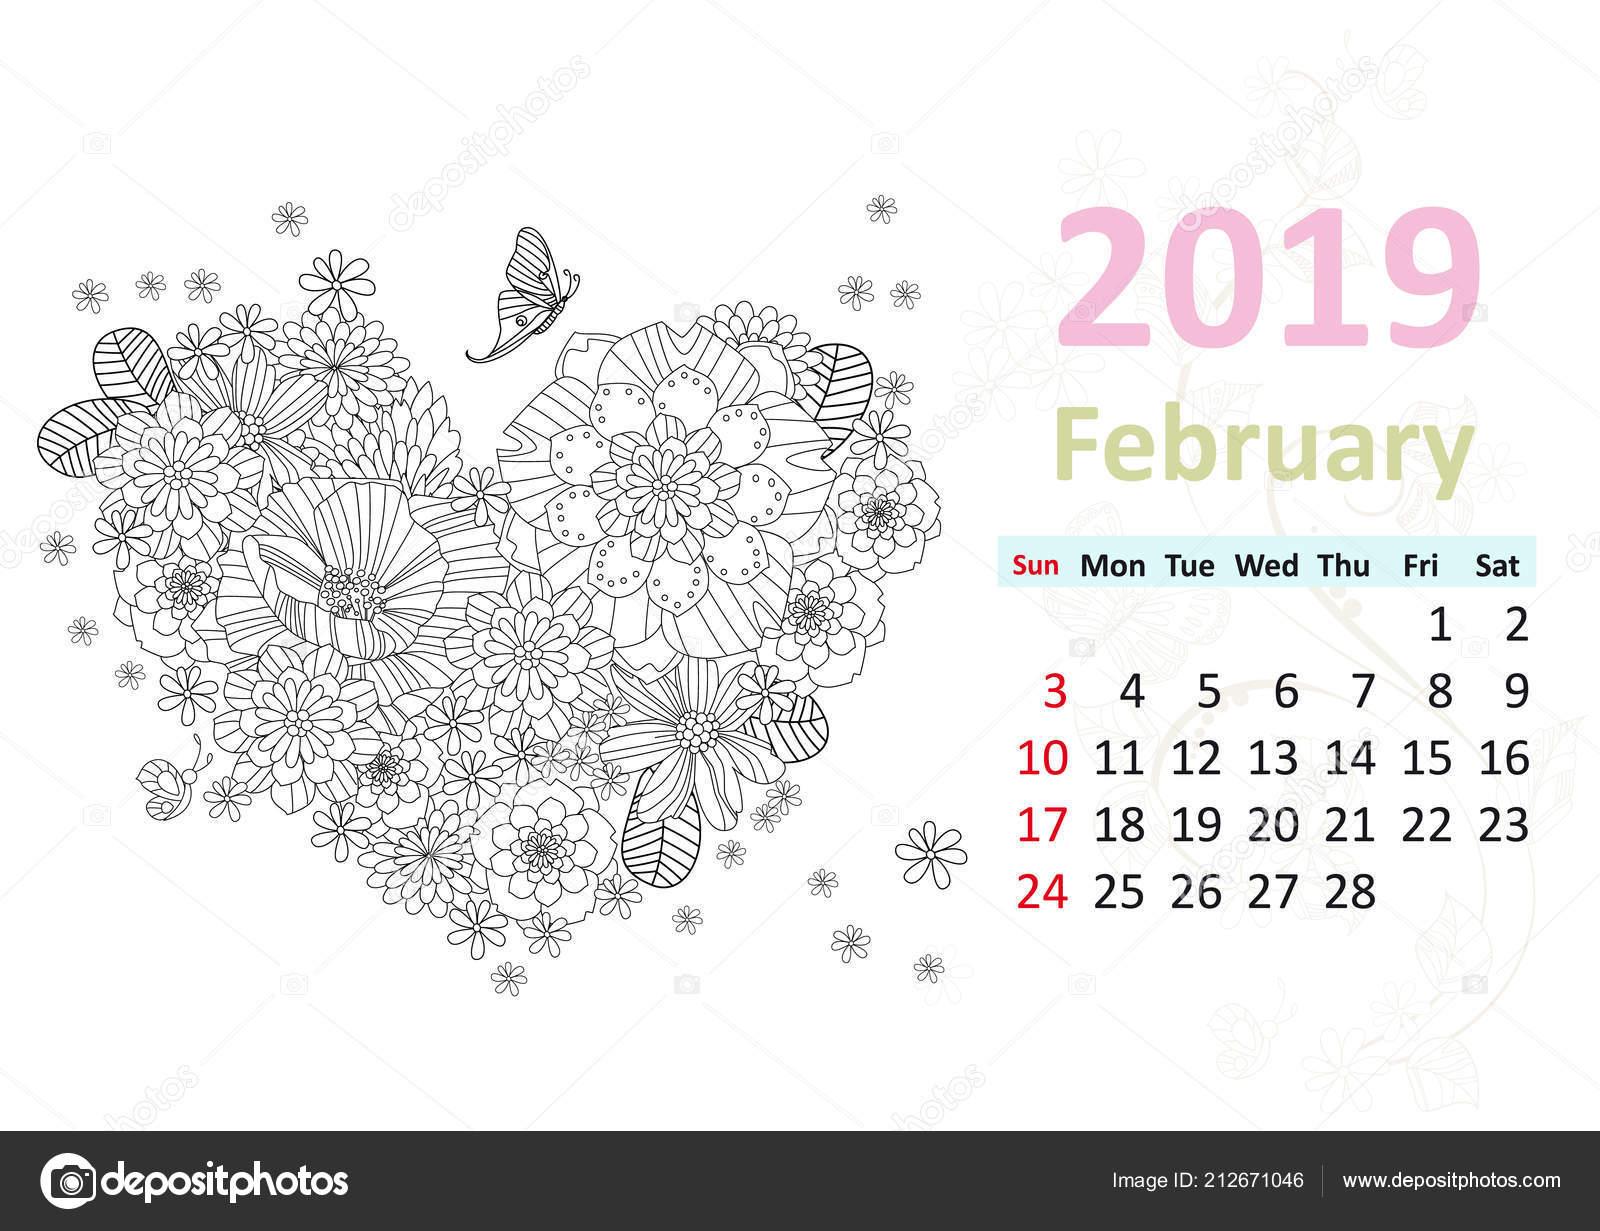 Takvim Sayfası Için şubat 2019 Kalp Oluşturan çiçeklerle Boyama